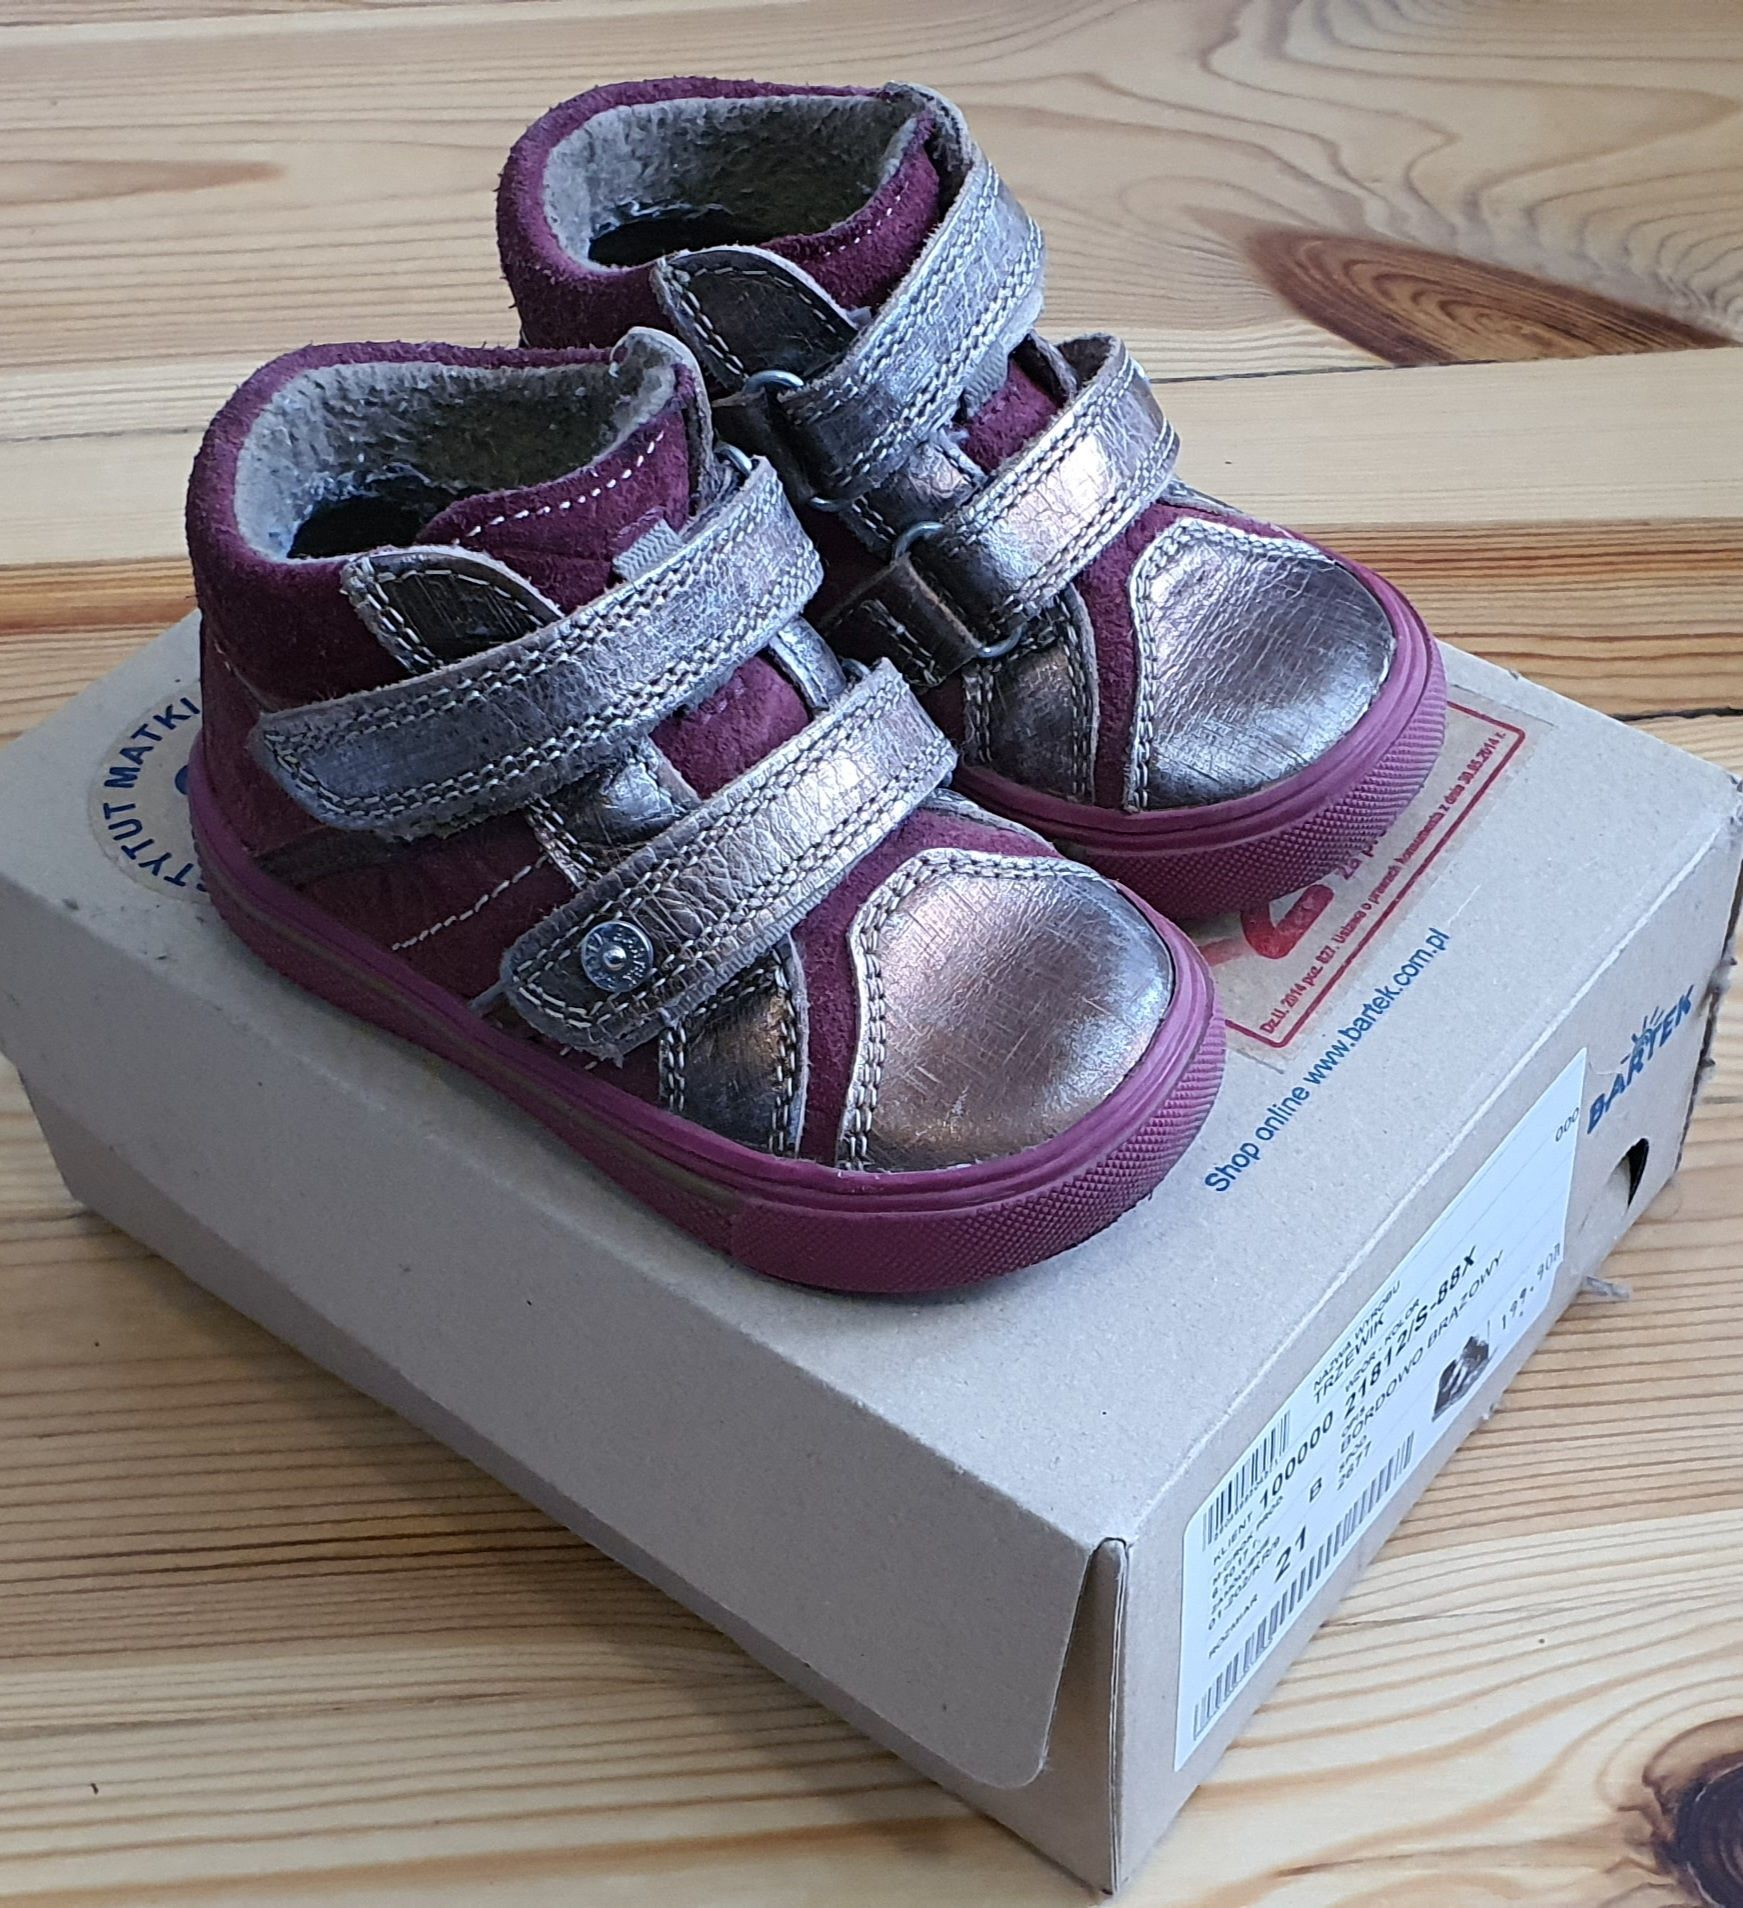 Buty trzewiki wiosenno jesienne Bartek rozmiar 21 wkładka 13cm